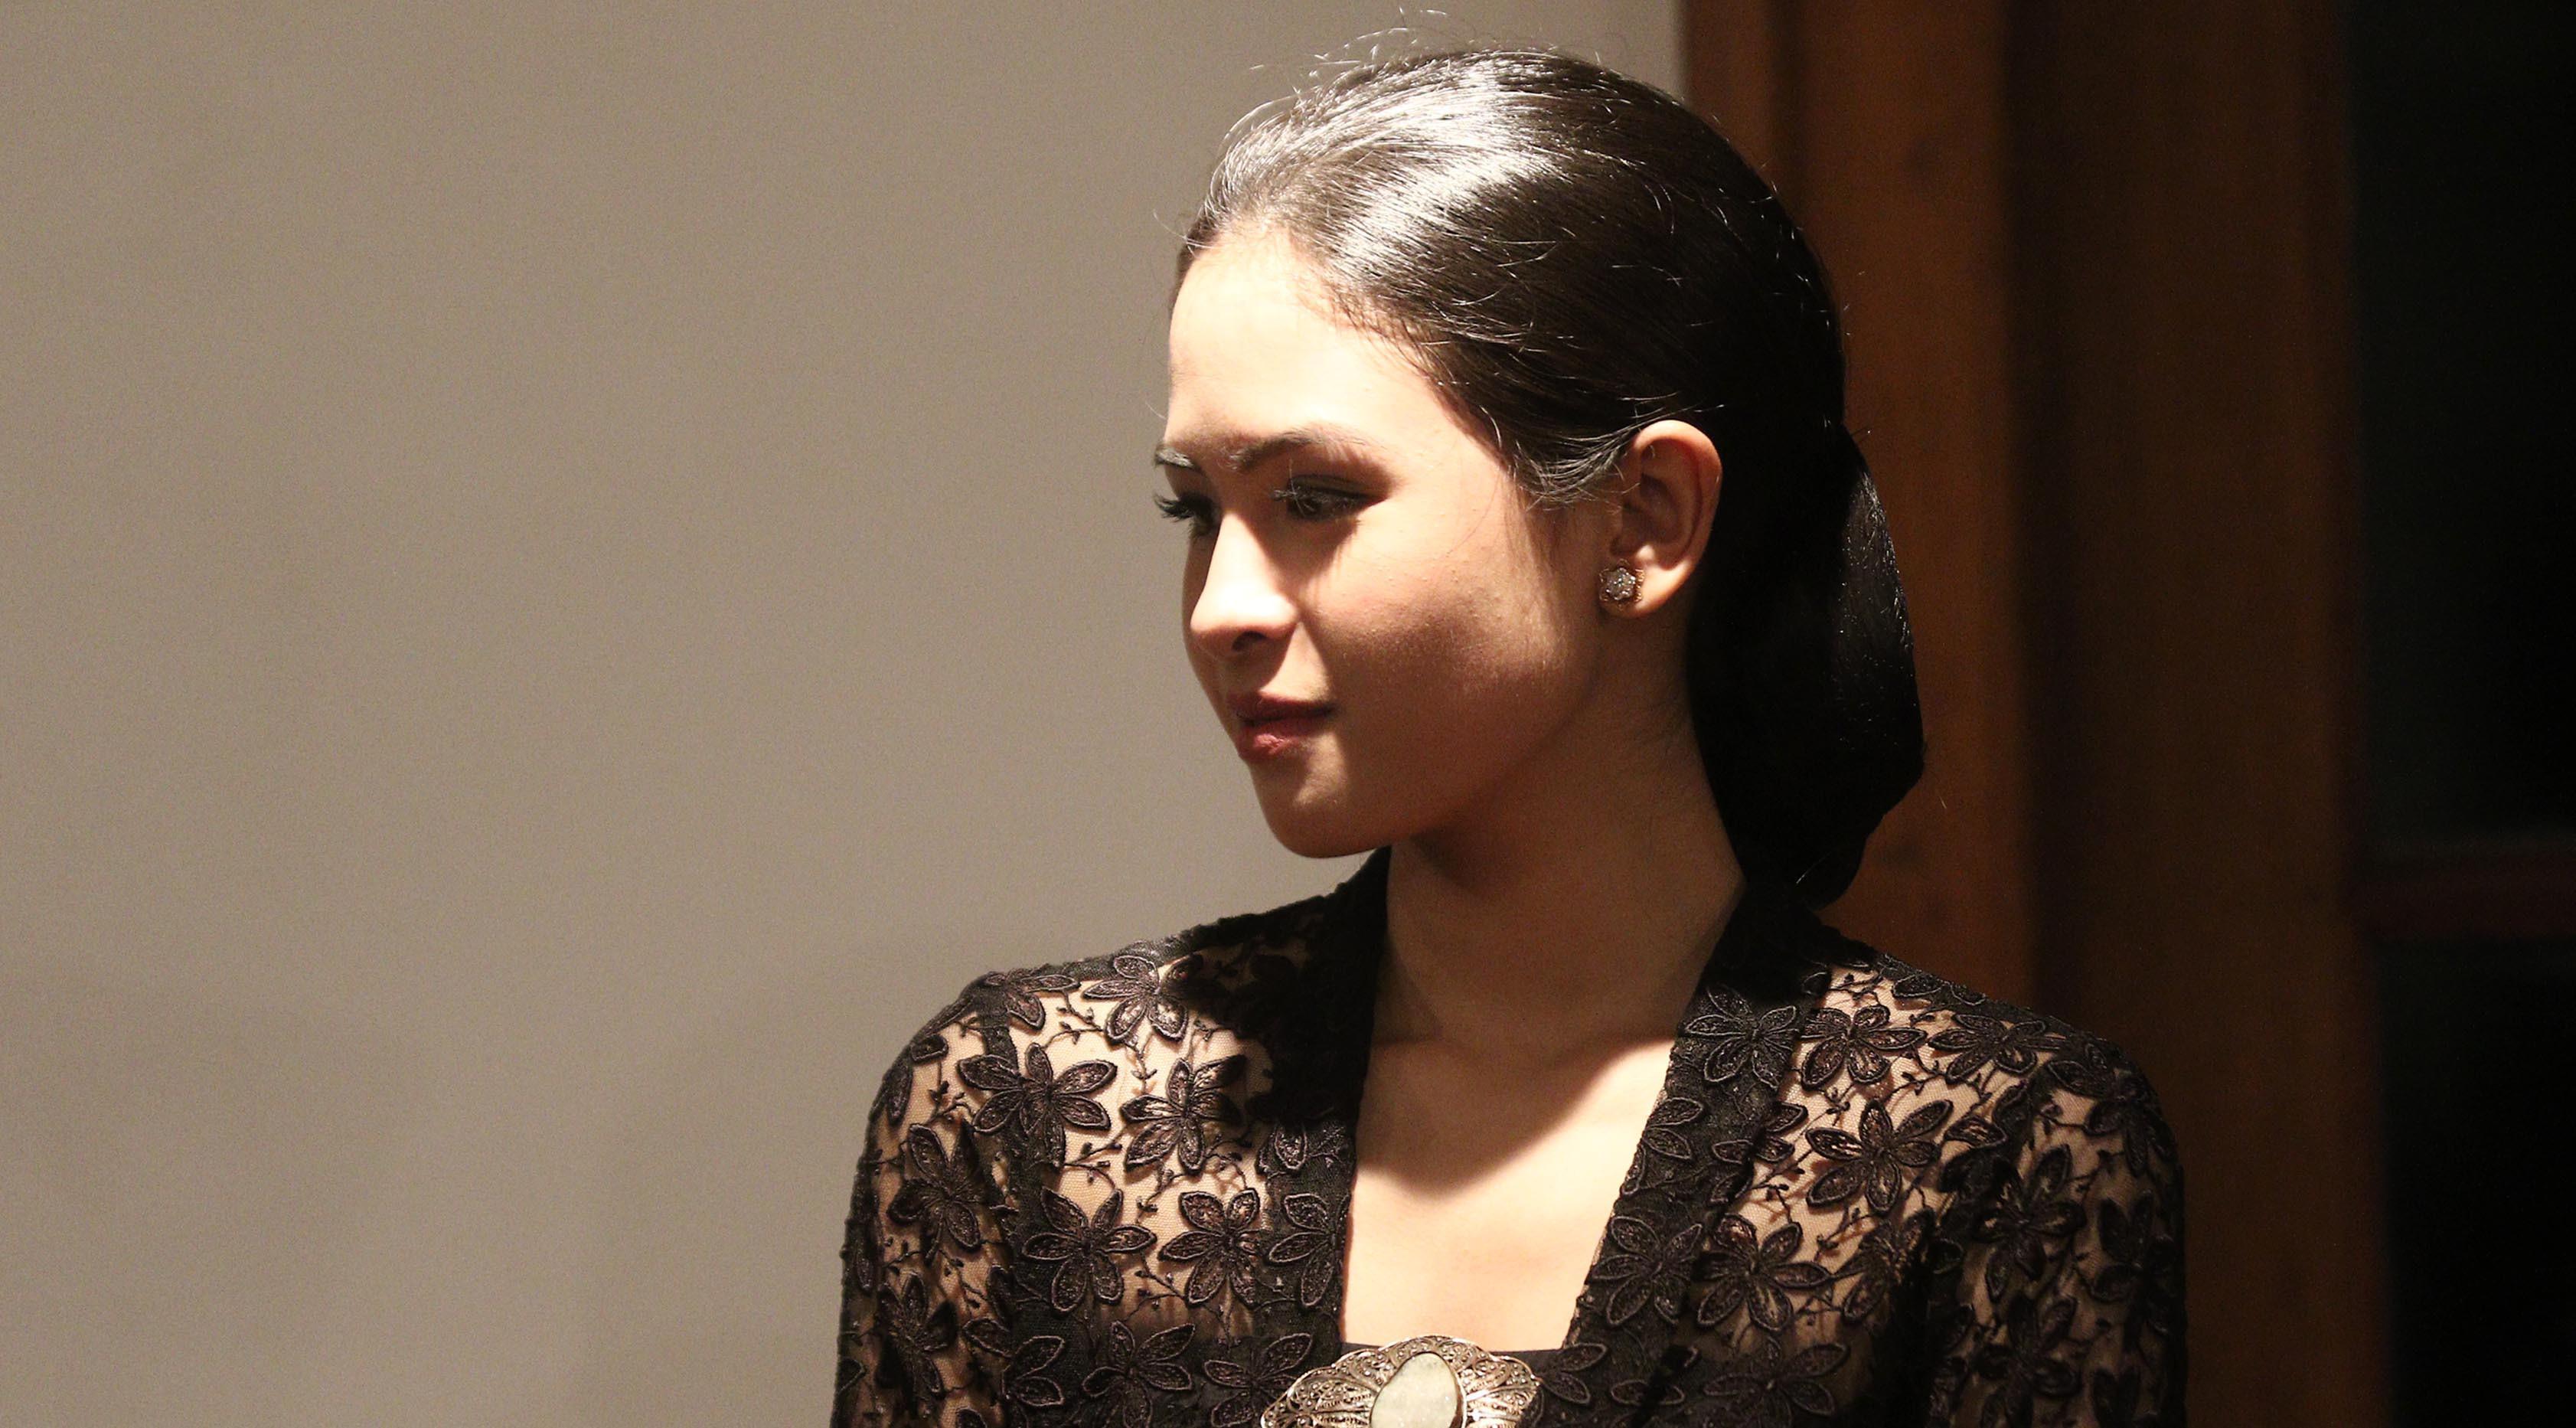 Aktris Maudy Ayunda  saat tampil pada Panggung Para Perempuan Kartini di Museum Bank Indonesia, Jakarta, Selasa (11/4). Kegiatan ini untuk menyambut peringatan Hari Kartini pada 21 april mendatang.